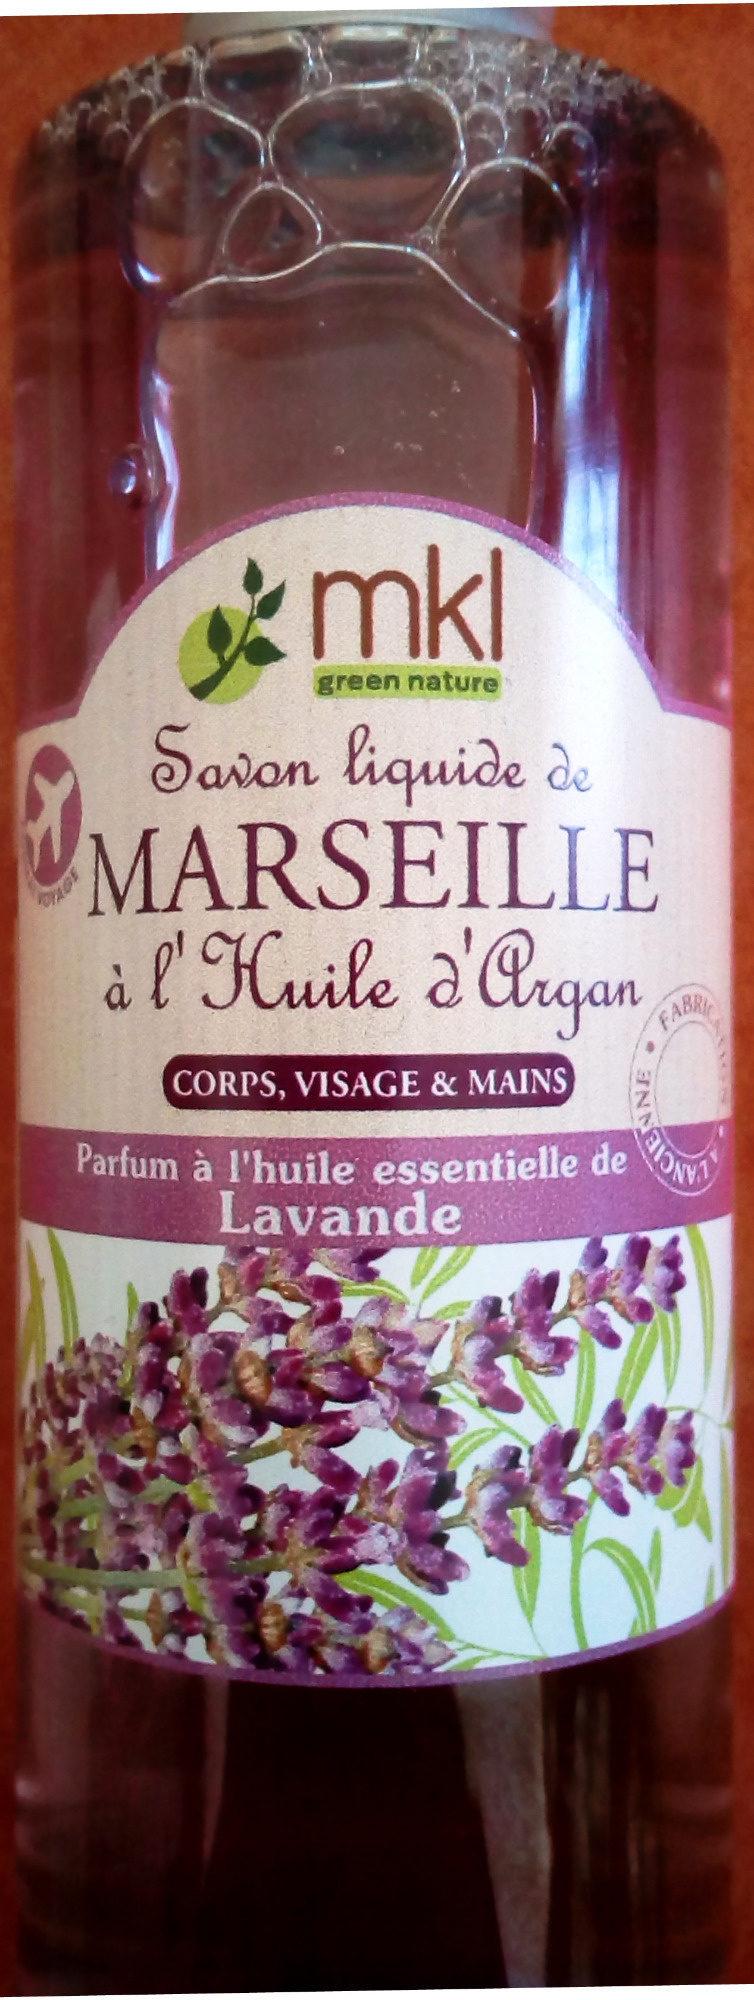 Savon liquide de Marseille à l'huile d'Argan Lavande - Produit